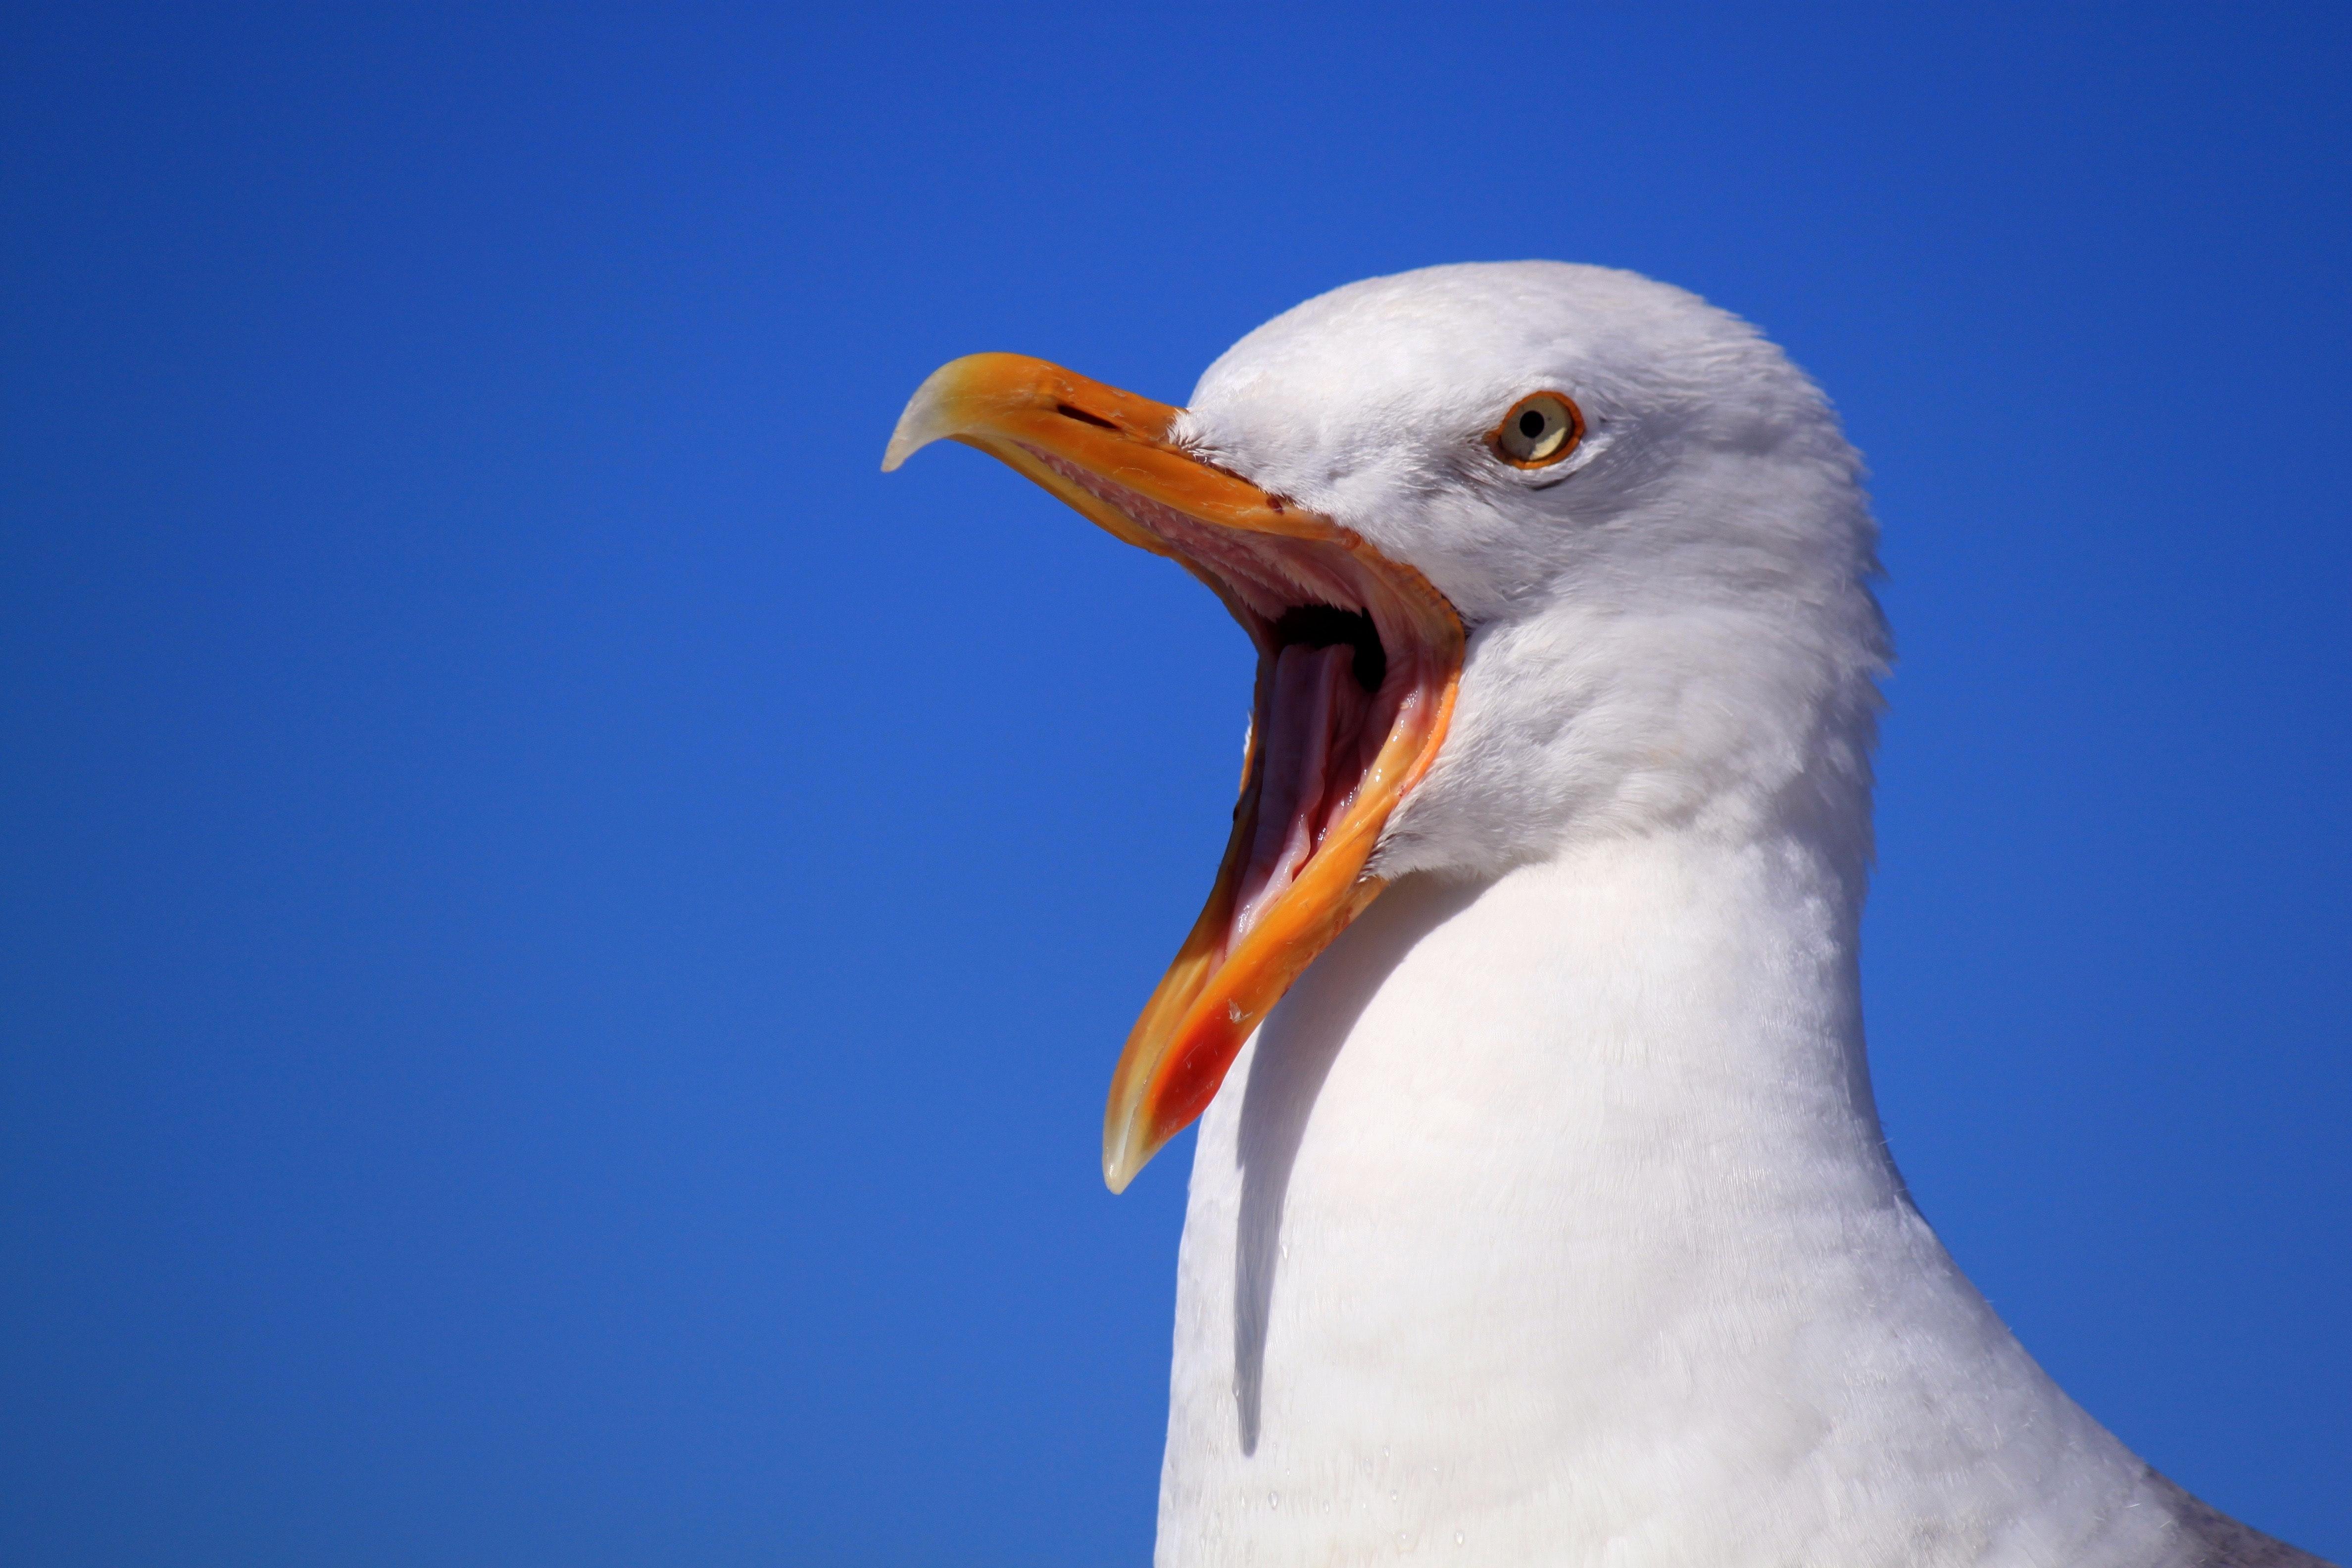 White Bird, Animal, Beak, Bill, Bird, HQ Photo